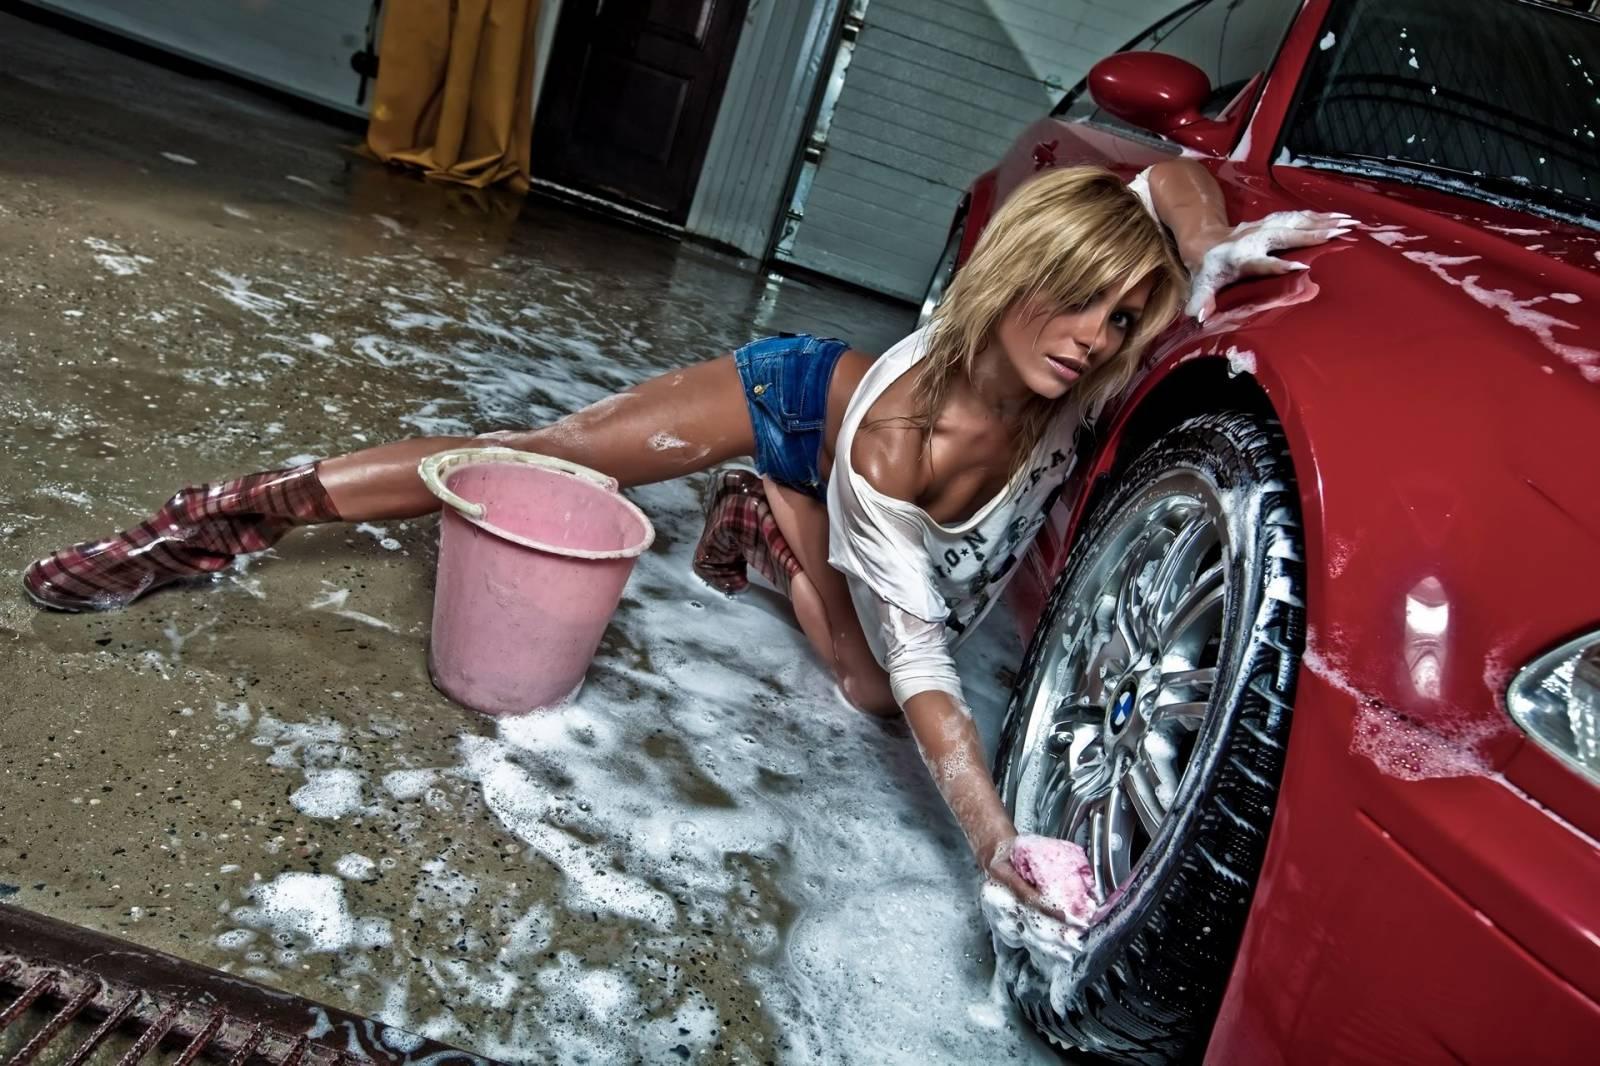 Смотреть онлайн девушки моют машины 12 фотография